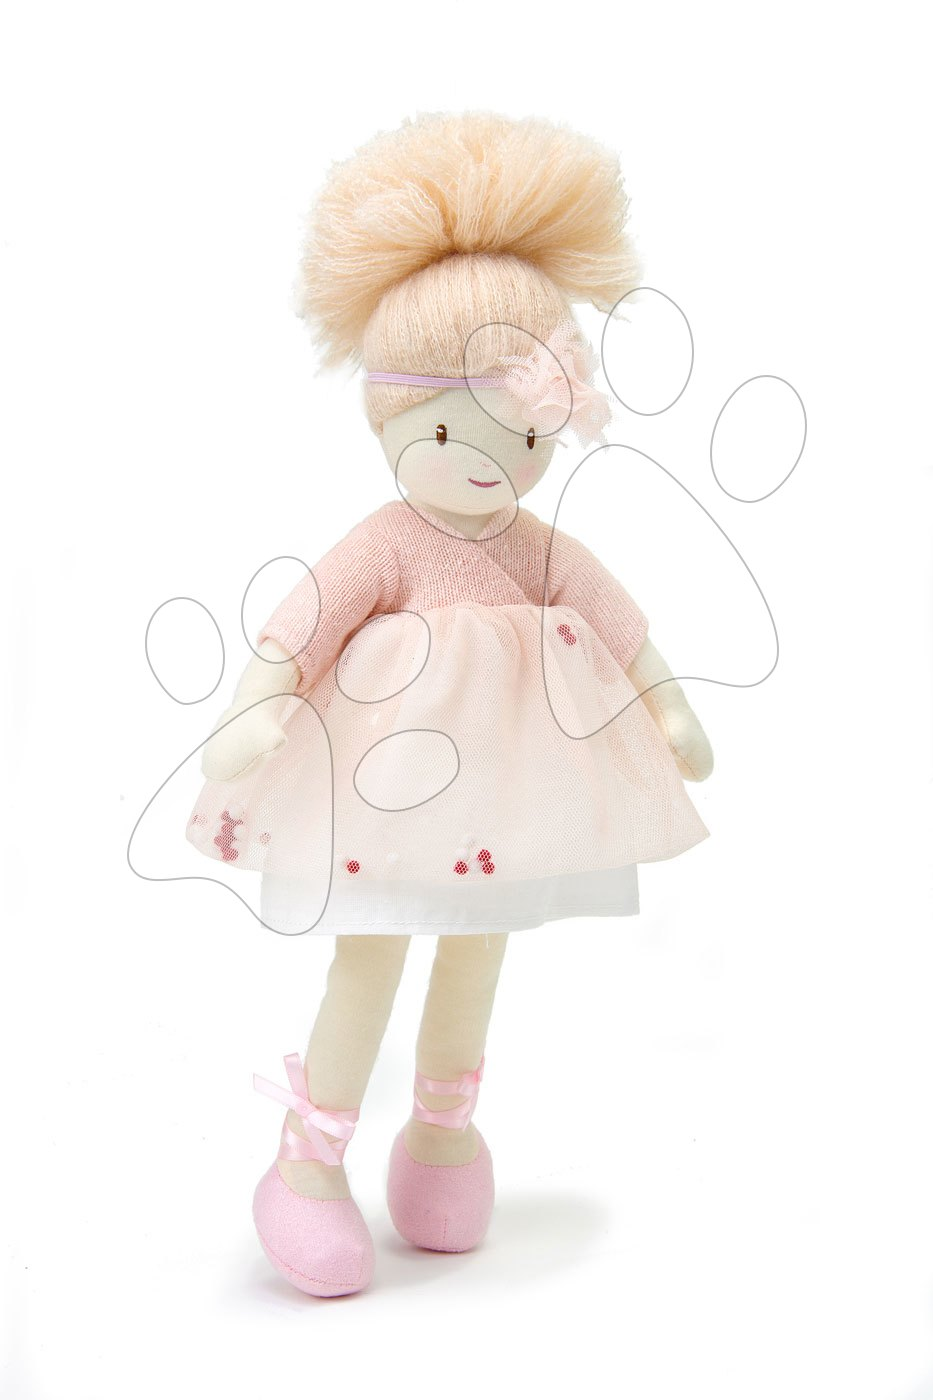 Hadrové panenky - Panenka hadrová Amelie Rag Doll ThreadBear 35 cm z jemné měkké bavlny s blond drdolem